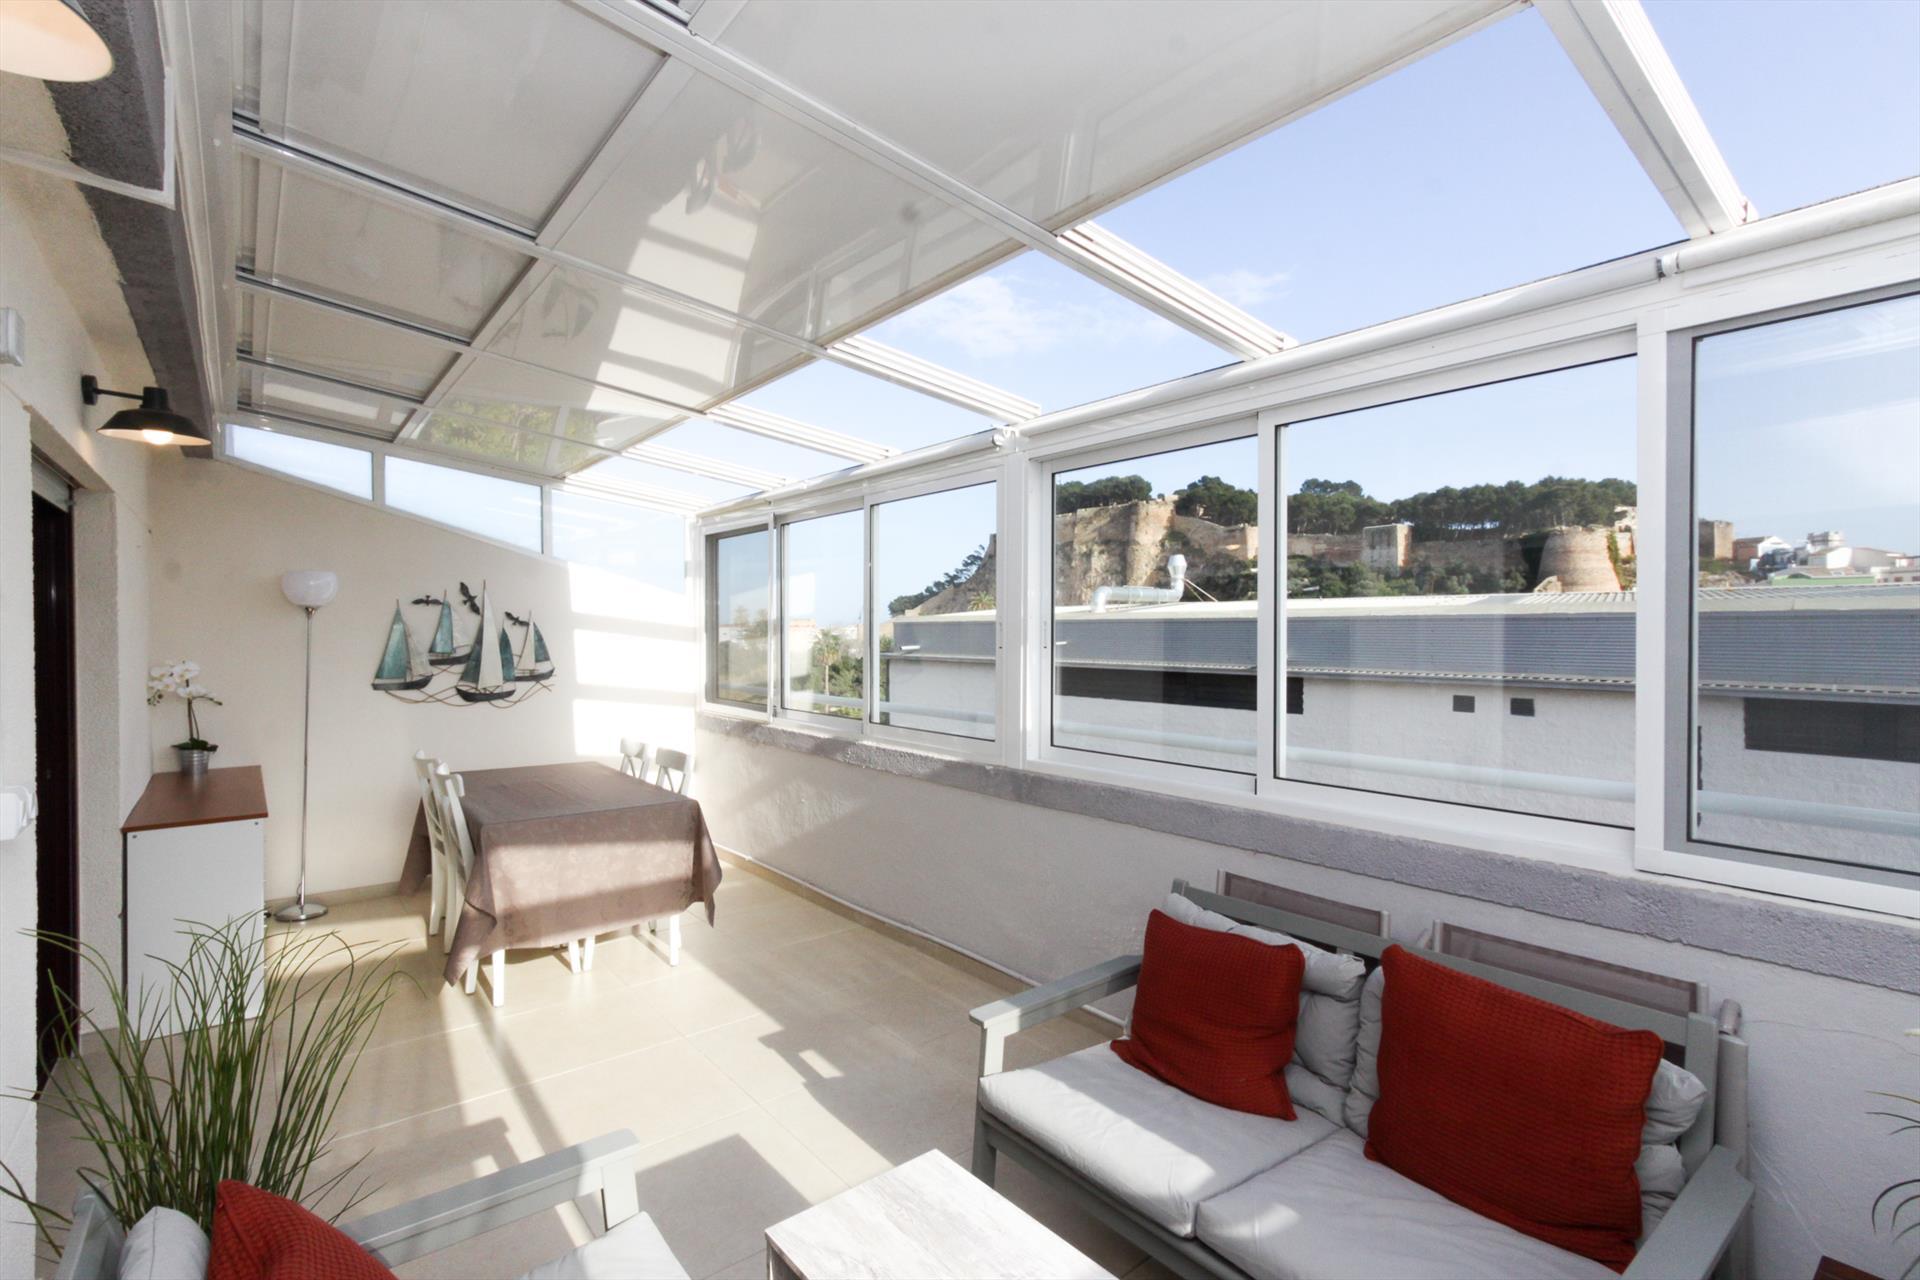 Mira rosa atico,Appartement in Denia, aan de Costa Blanca, Spanje voor 4 personen...